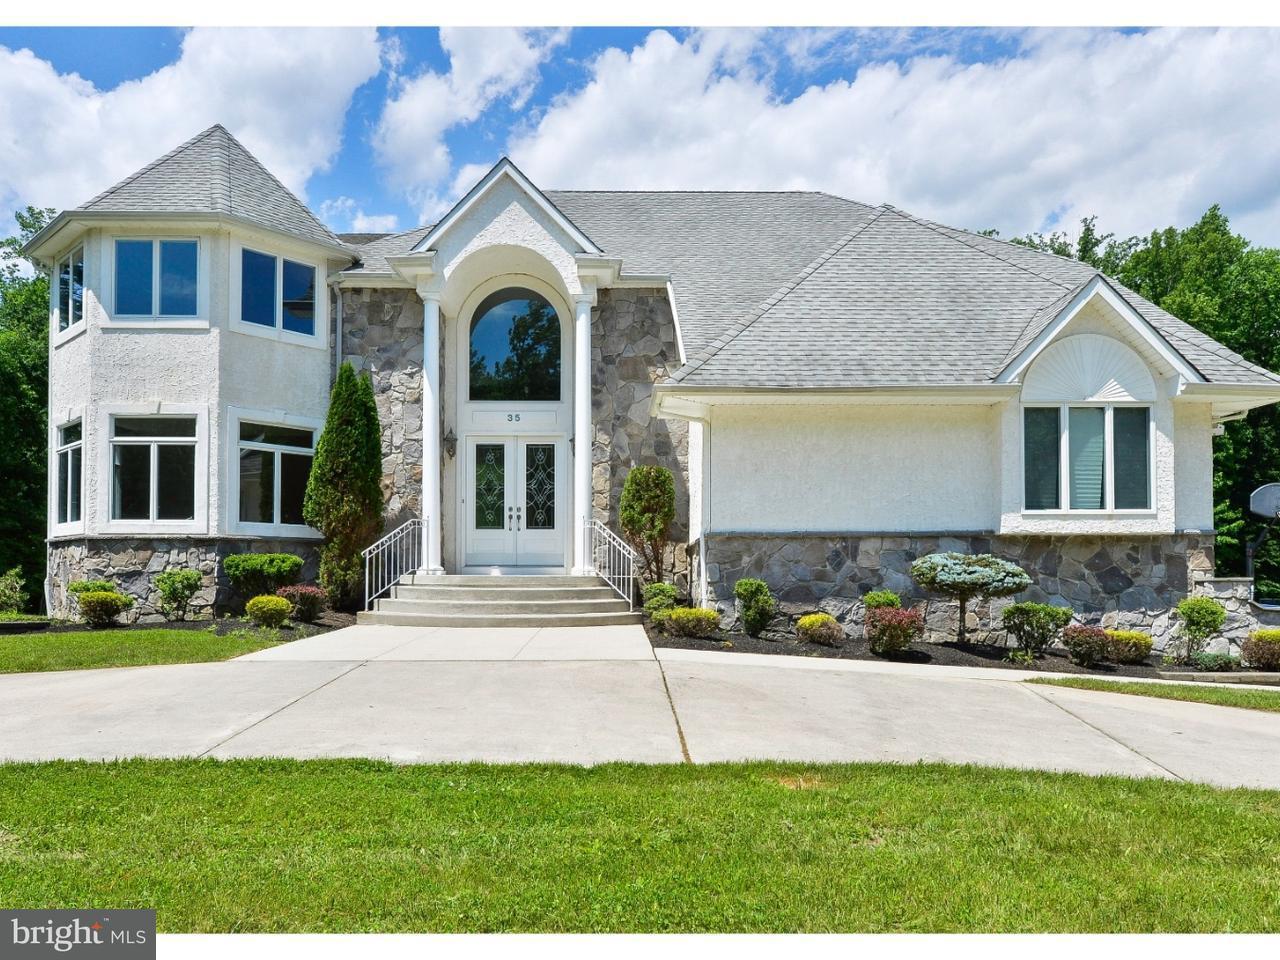 Μονοκατοικία για την Πώληση στο 35 S ELMWOOD Road Marlton, Νιου Τζερσεϋ 08053 Ηνωμενεσ Πολιτειεσ